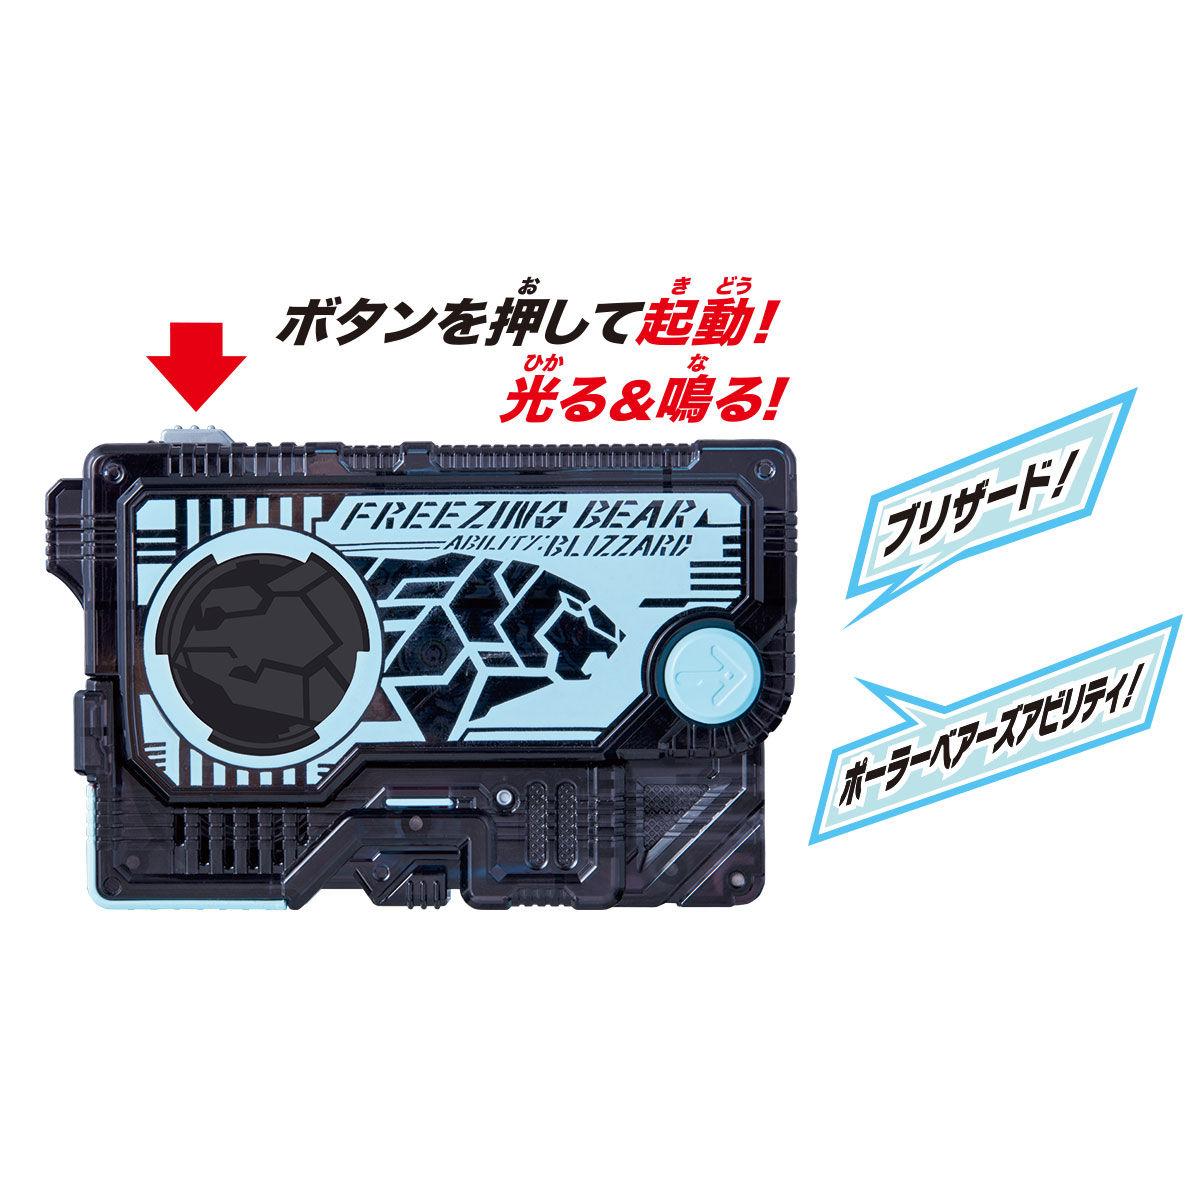 仮面ライダーゼロワン『DXフリージングベアープログライズキー』変身なりきり-006